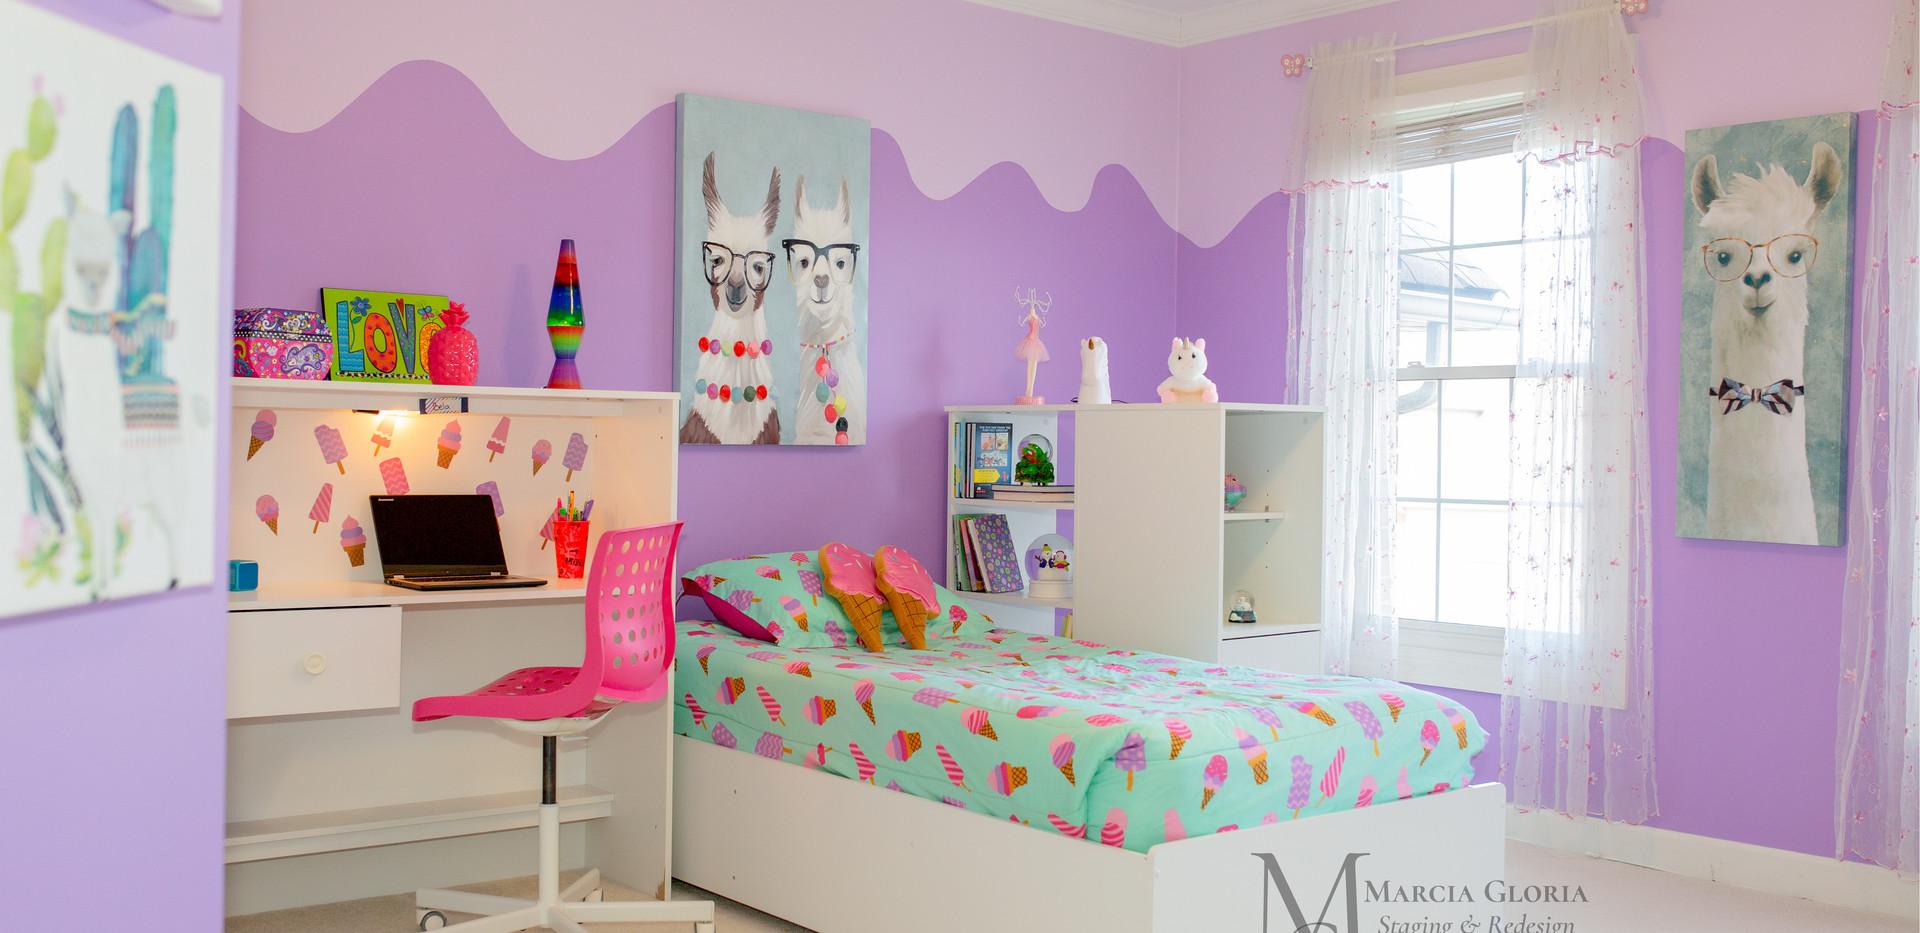 Kids Bedroom - Marcia Gloria Staging & Redesign